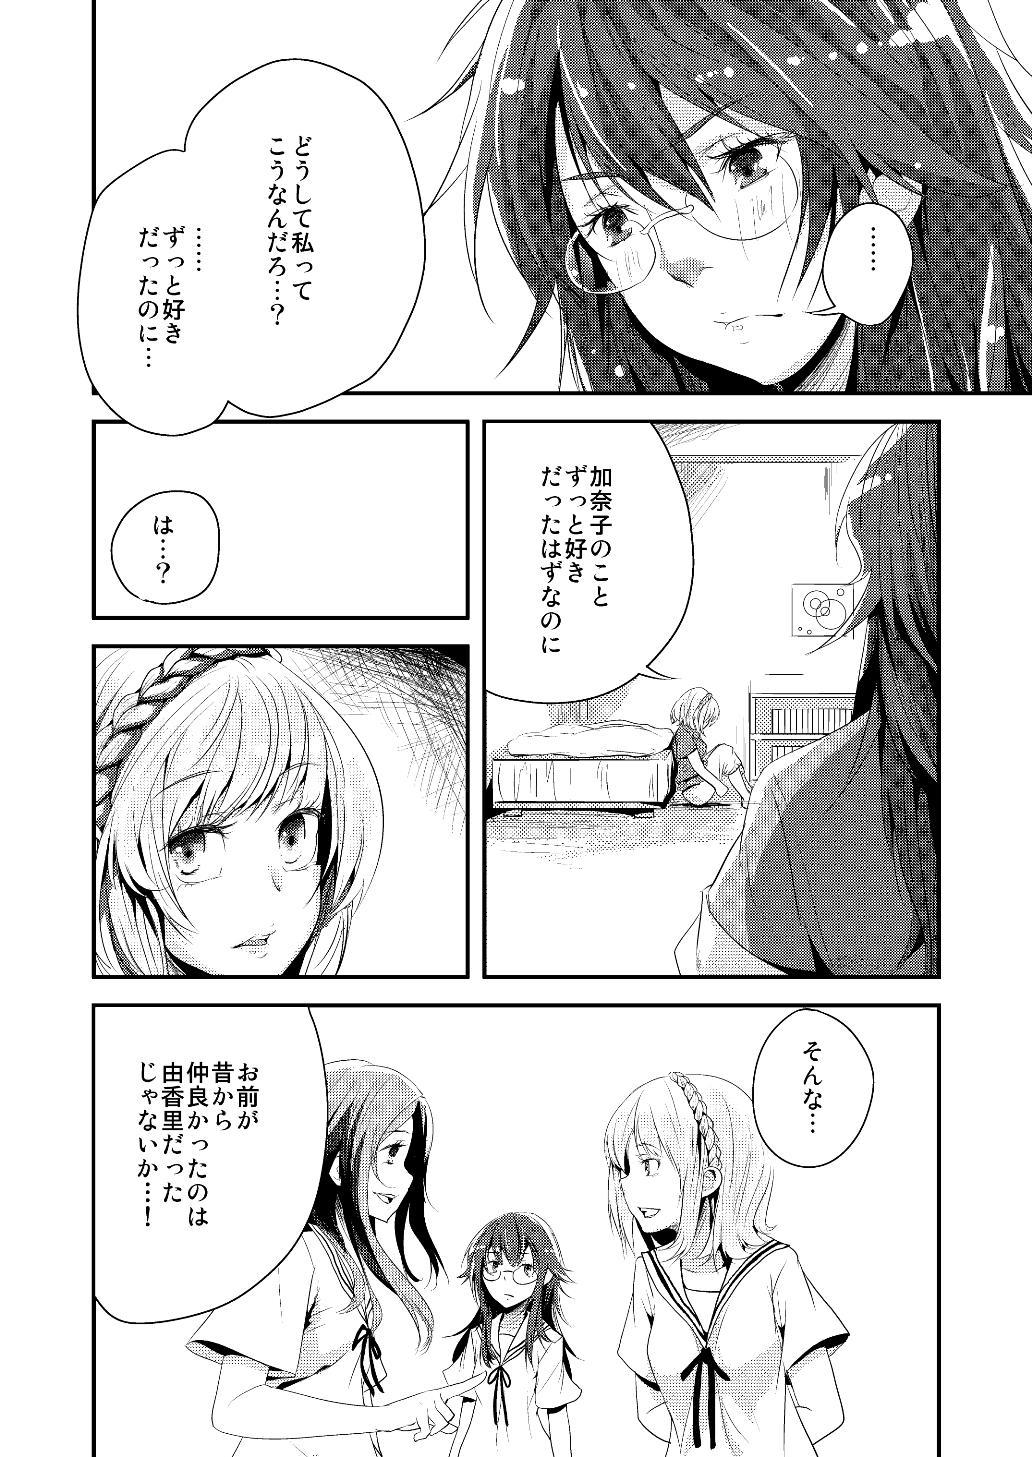 Yakusoku no Sora to Kimigaita Basho 1 ~ 2 55